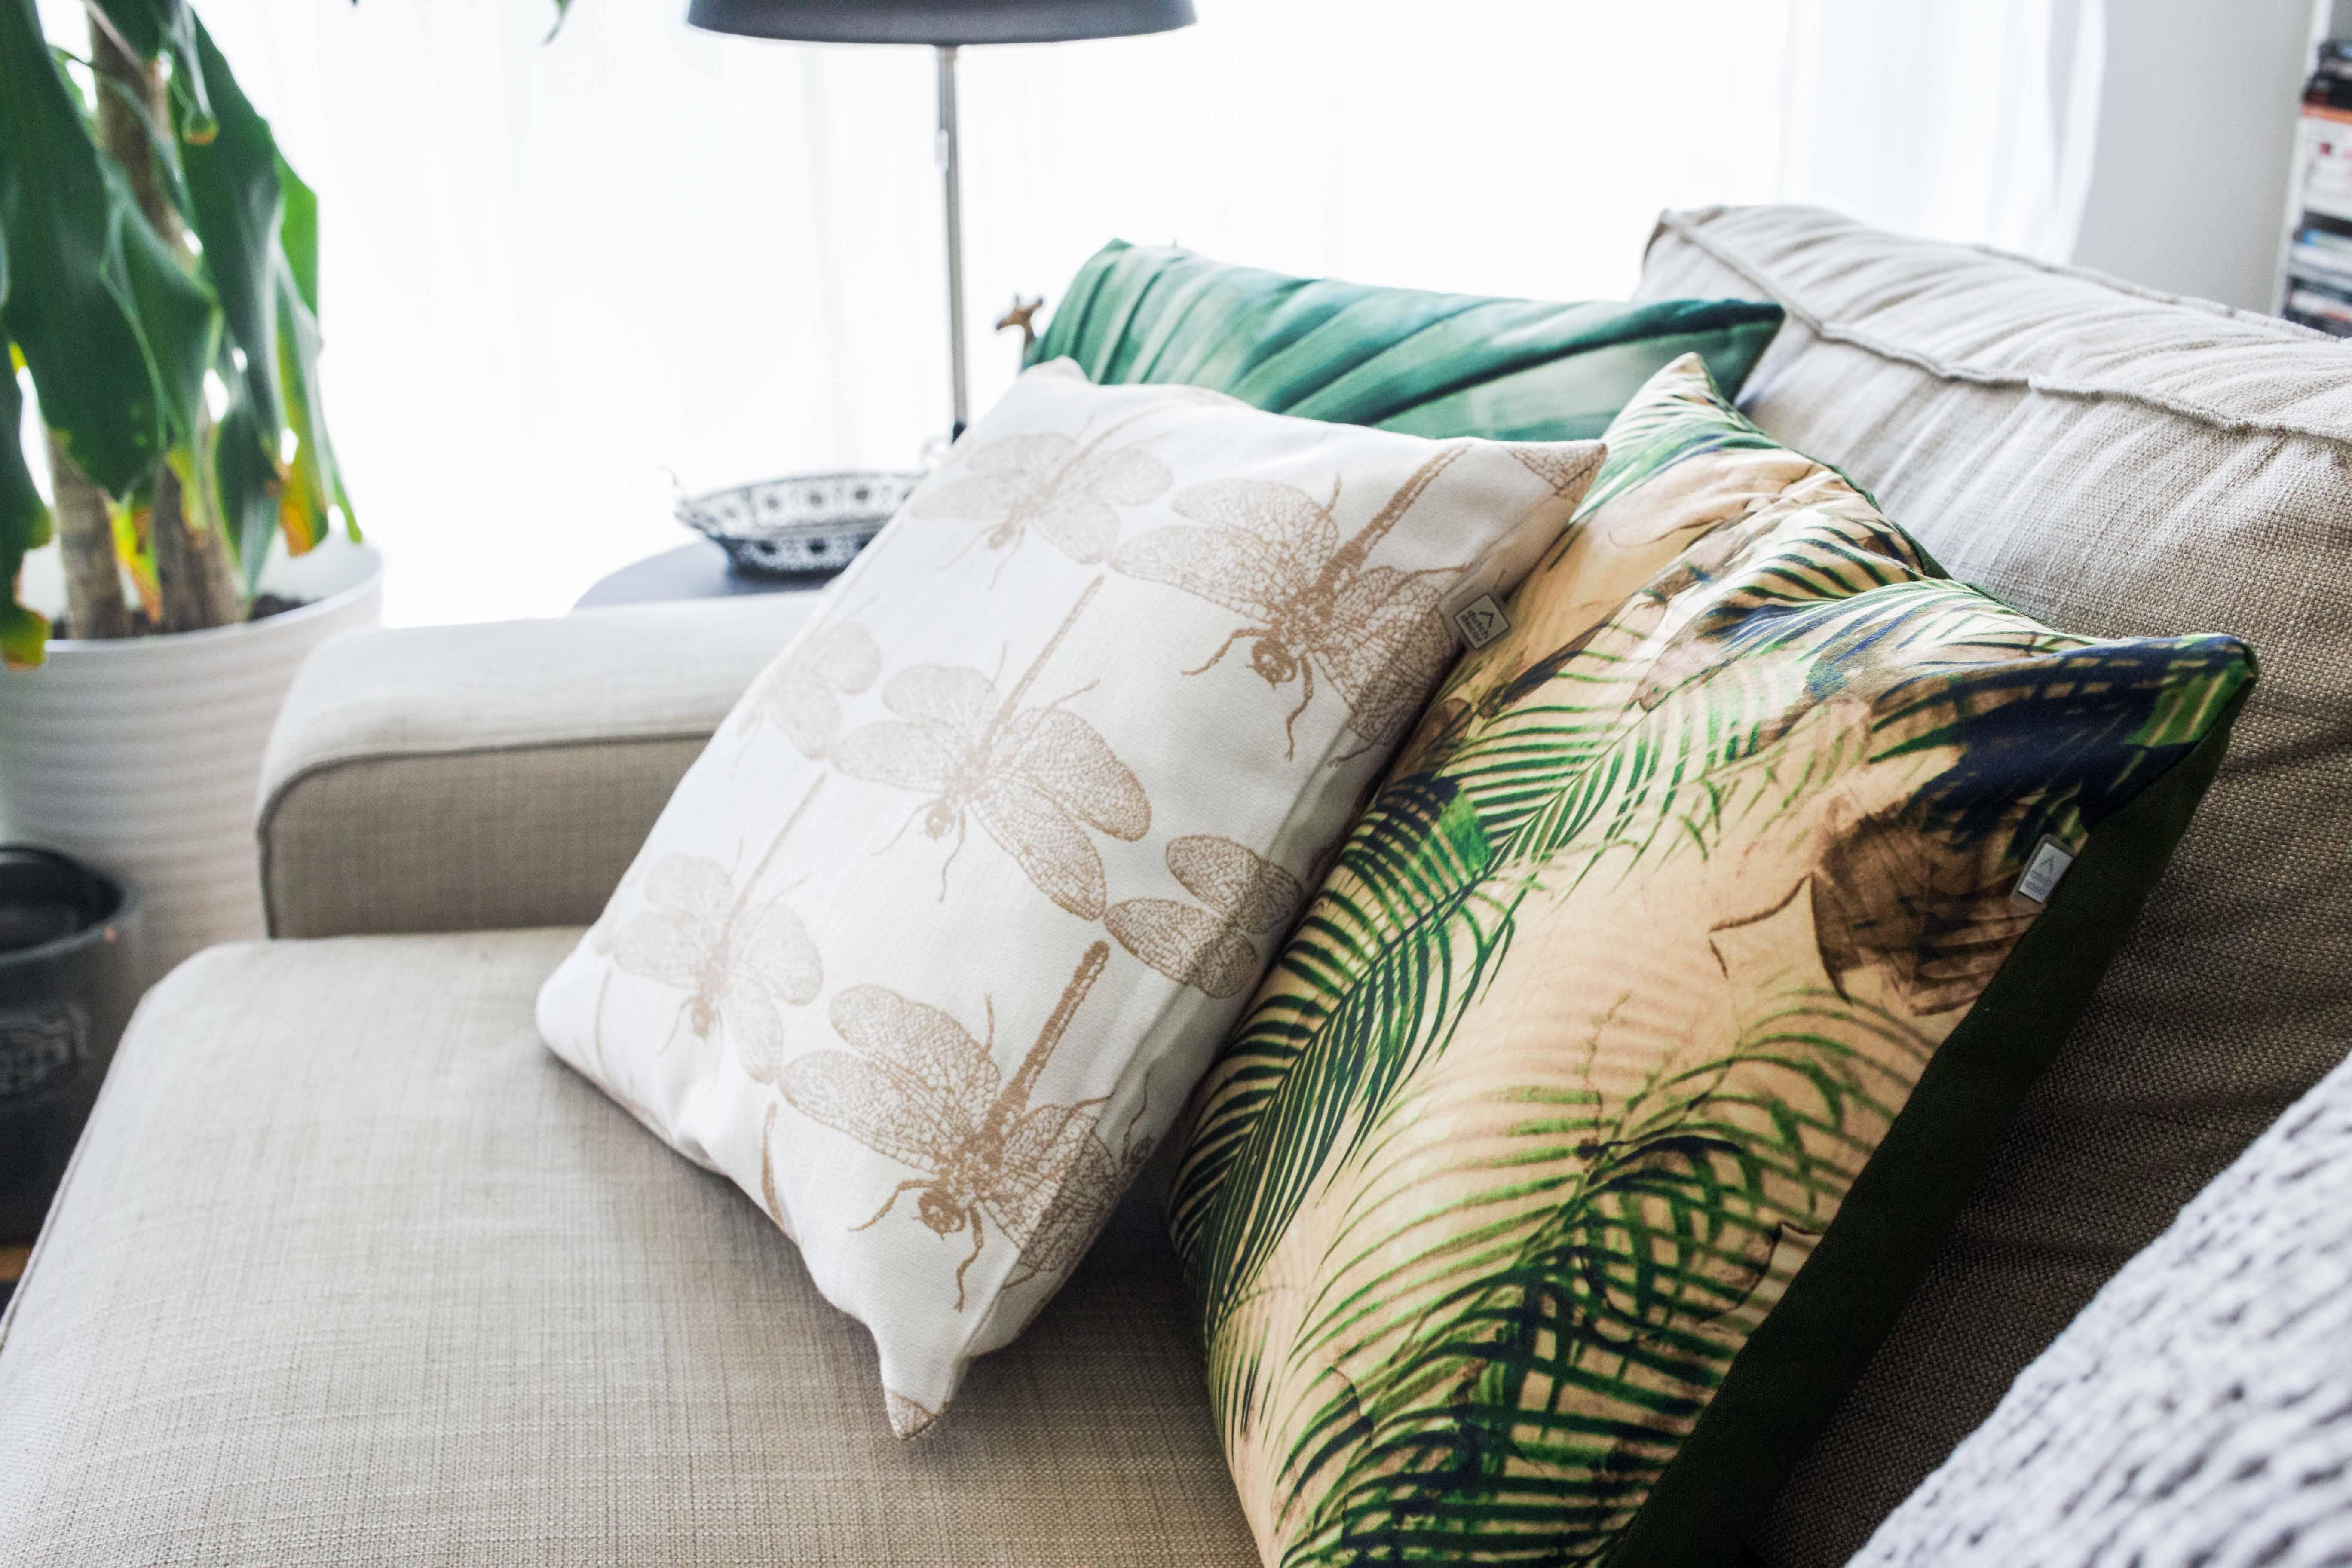 sofa-kissen-jungle-interior-inspiration-möbel-einrichtung_8293